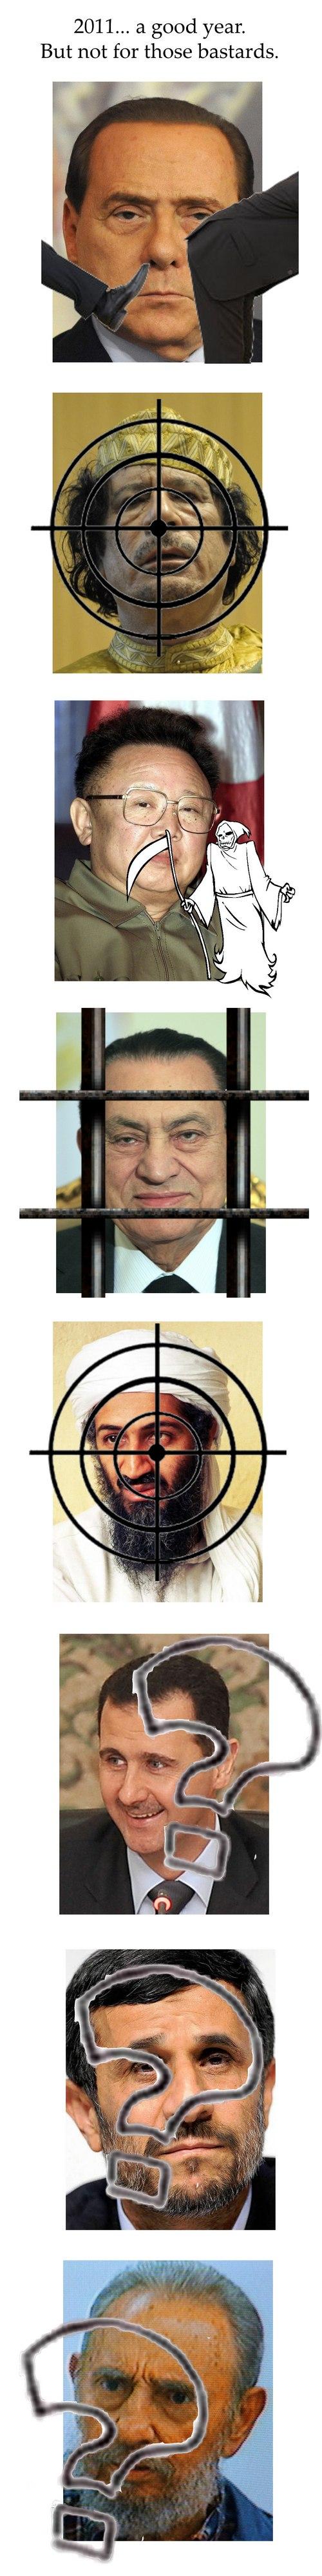 bastards2001 - Berlusconi, Gaddafi, Kim Jong-il, Mubarak, bin Laden, al-Assad, Ahmadinedschad